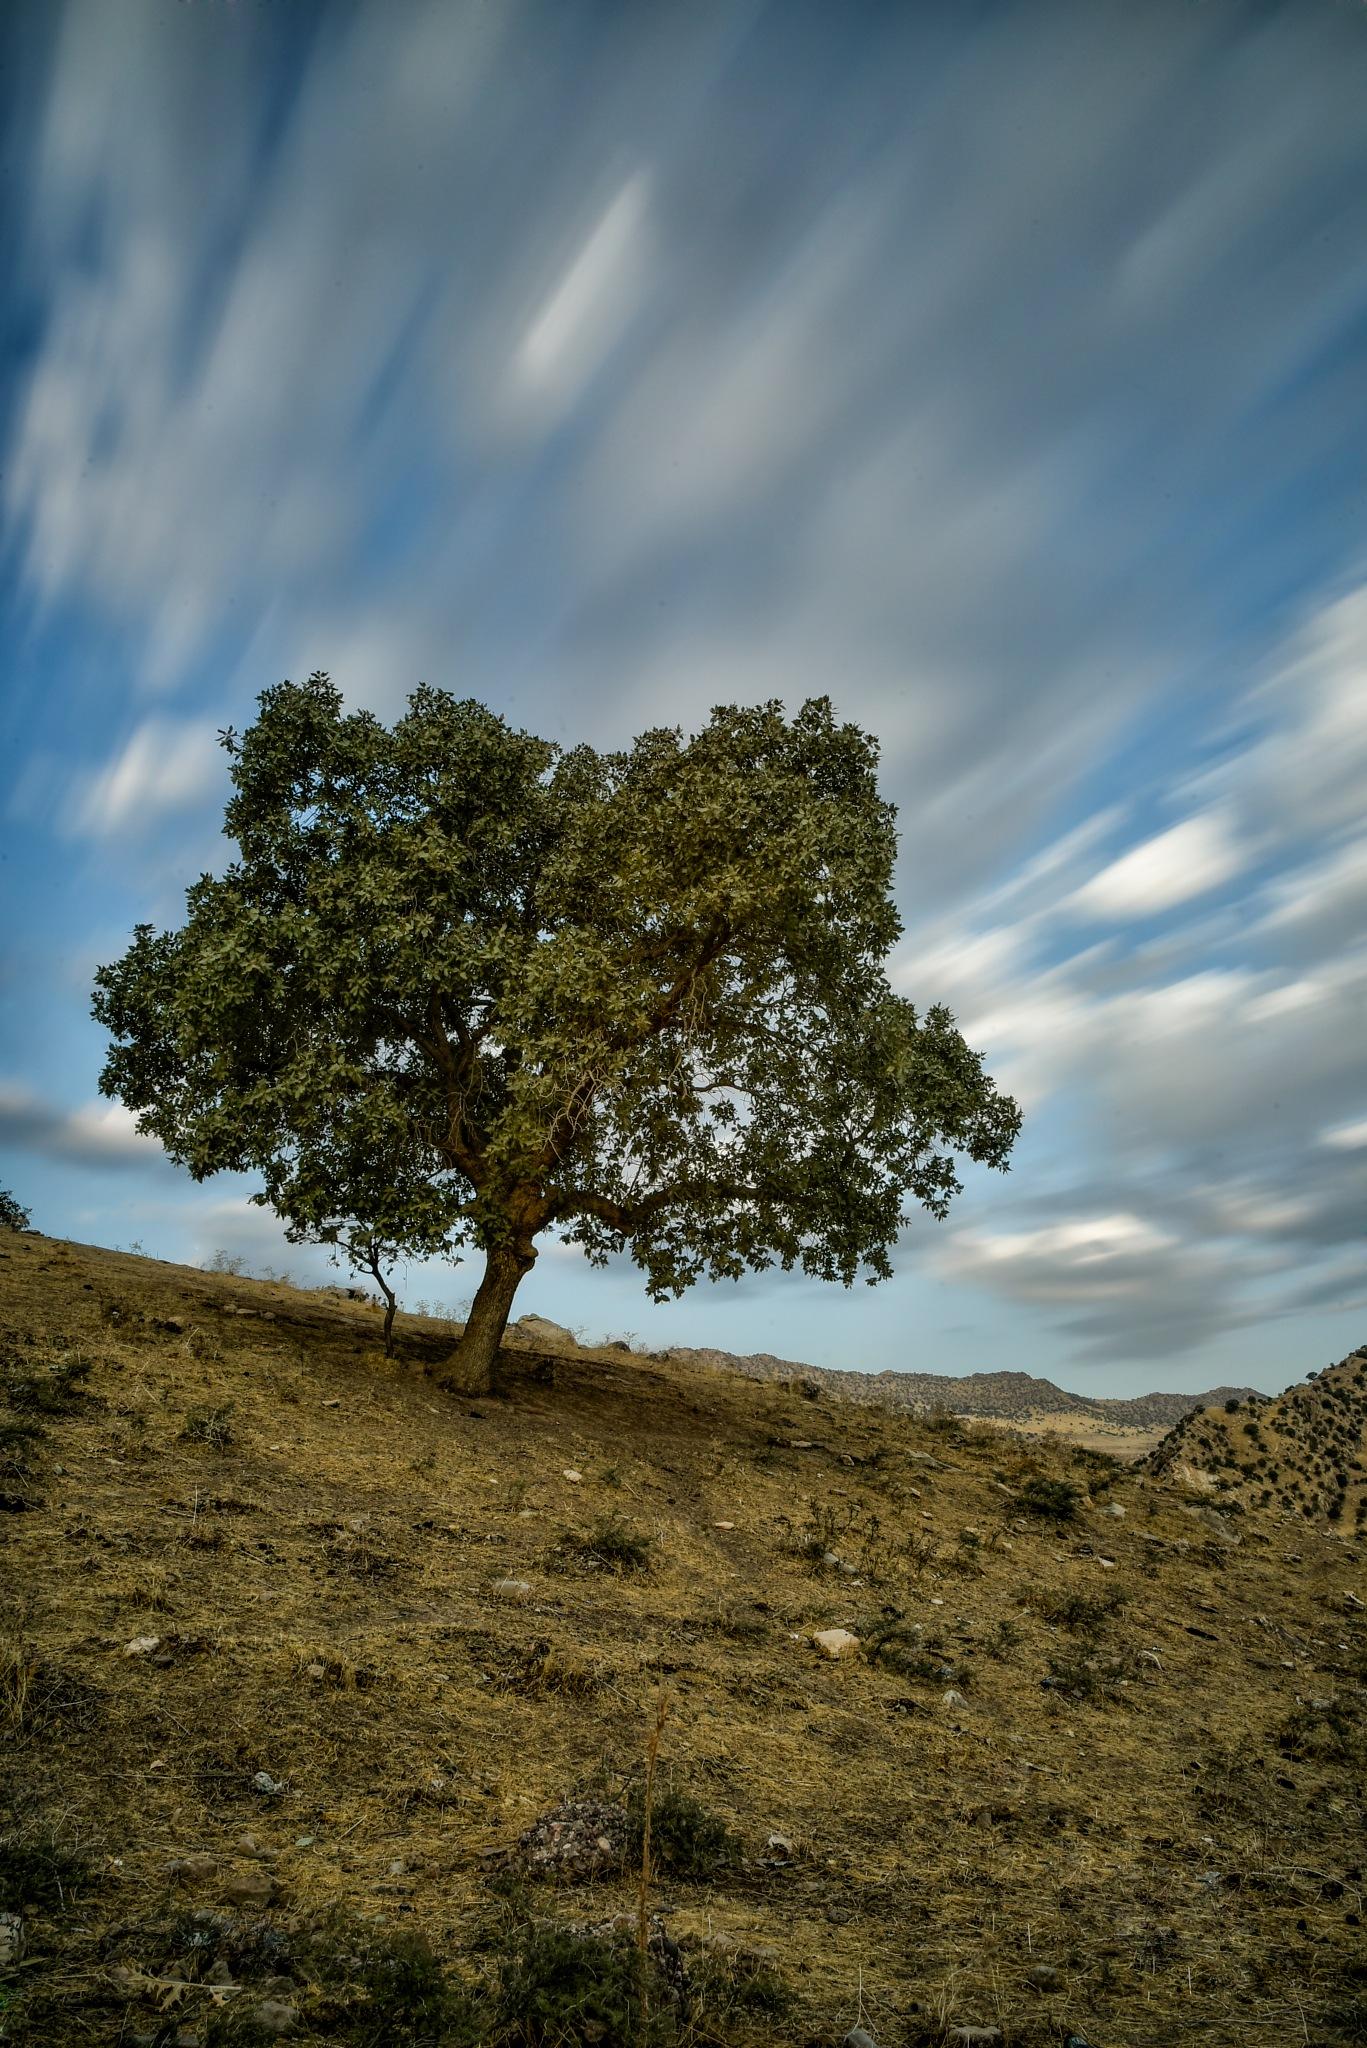 Untitled by Dlshad Darwesh